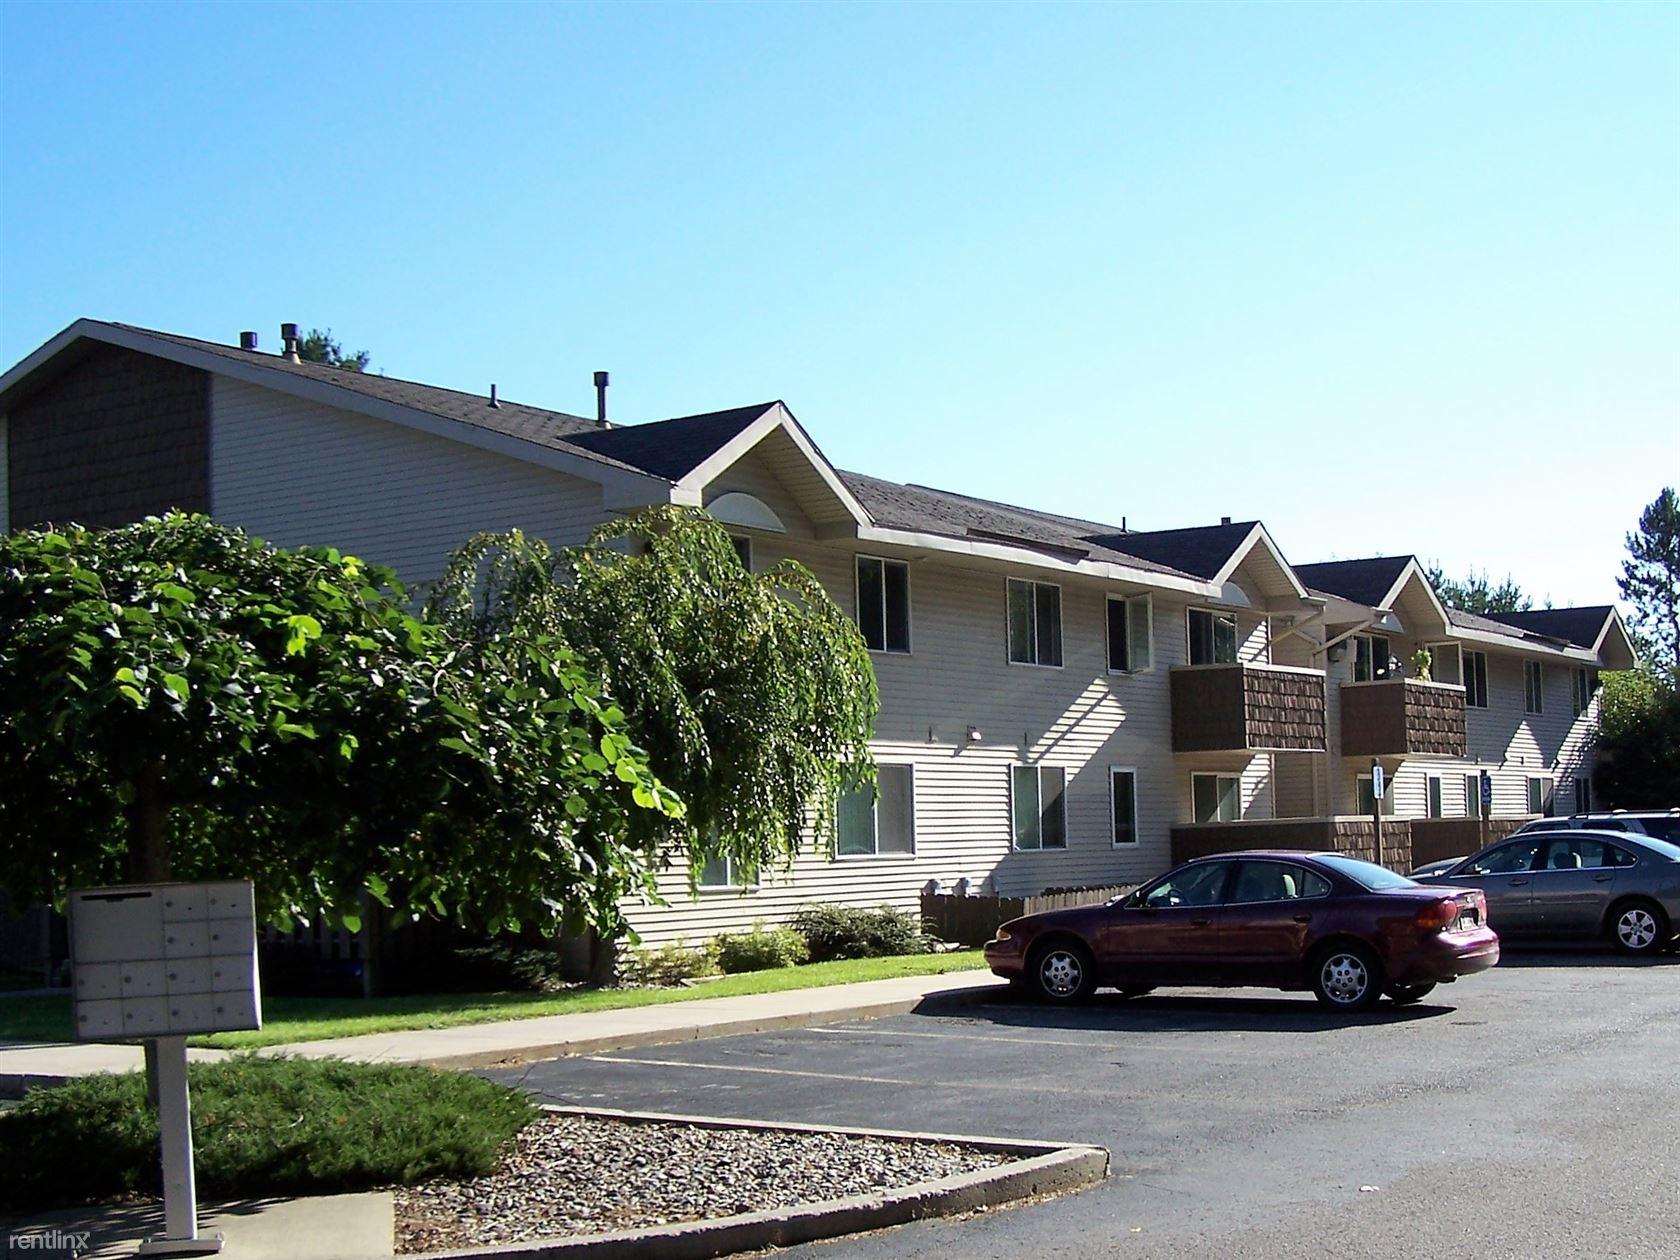 519 Clendening Rd, Gladwin, MI - $757